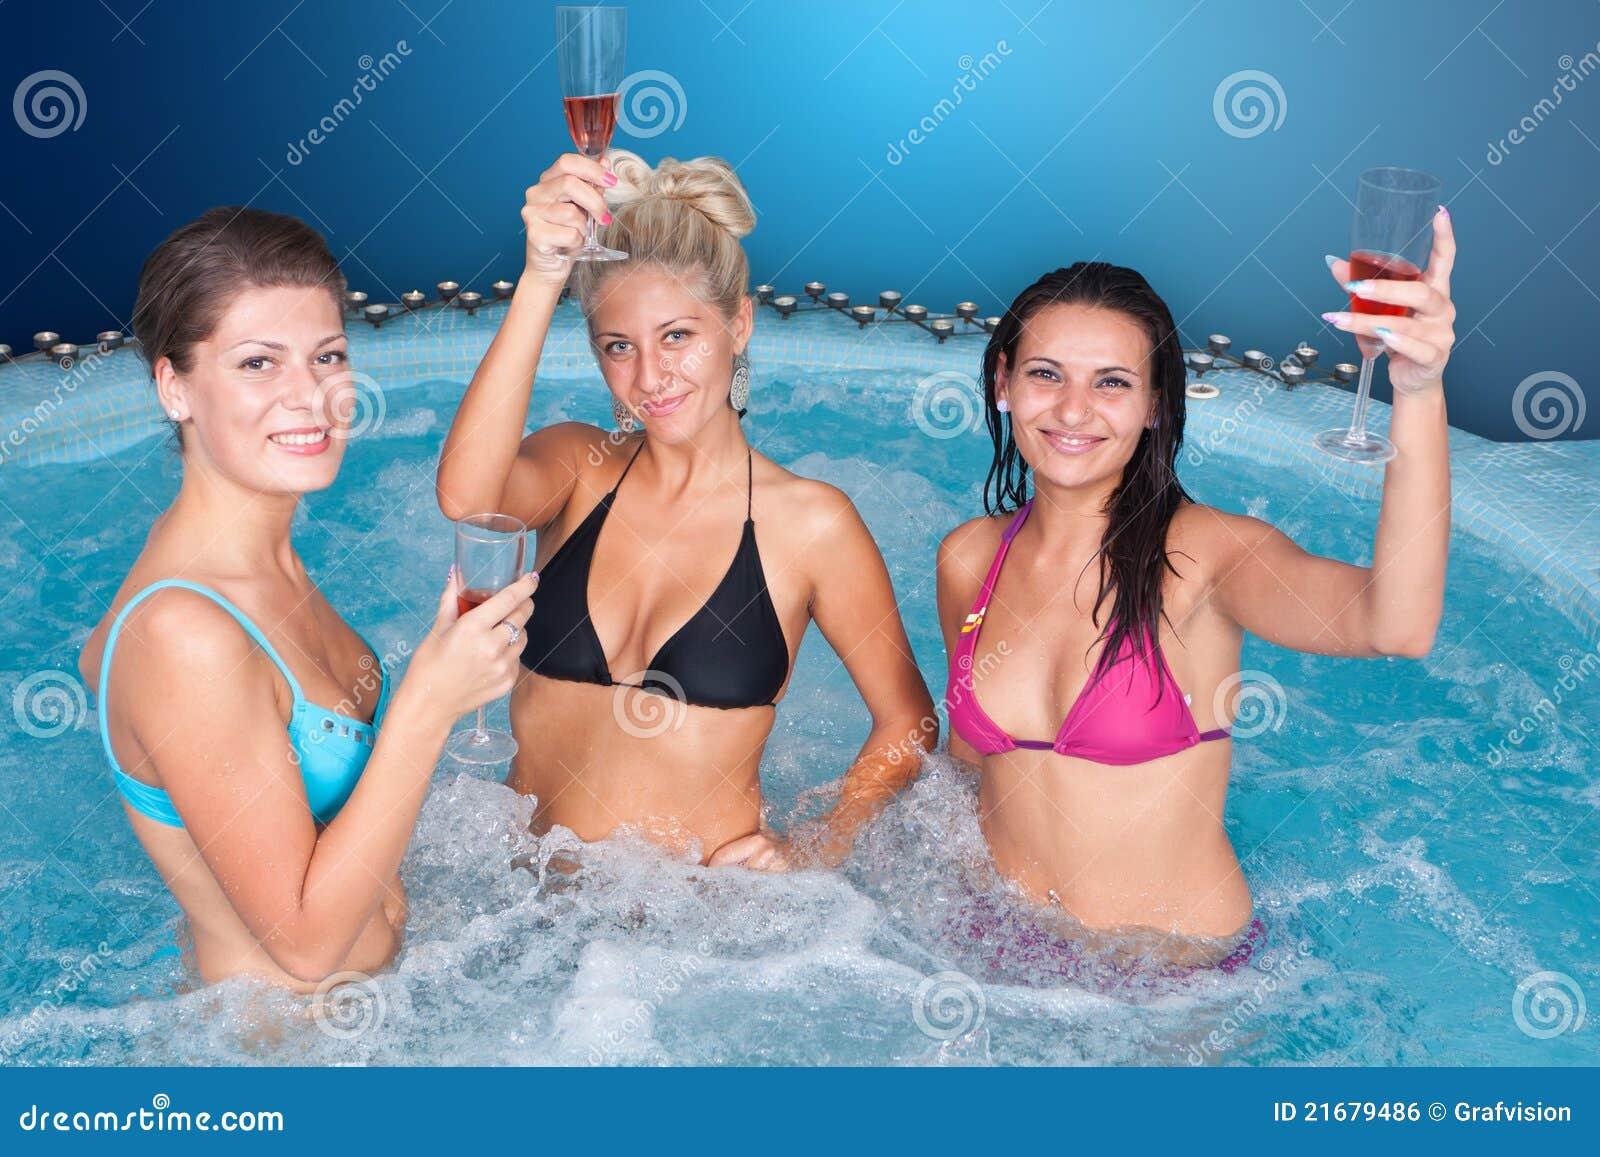 Скрытые фото девушек в бассейне